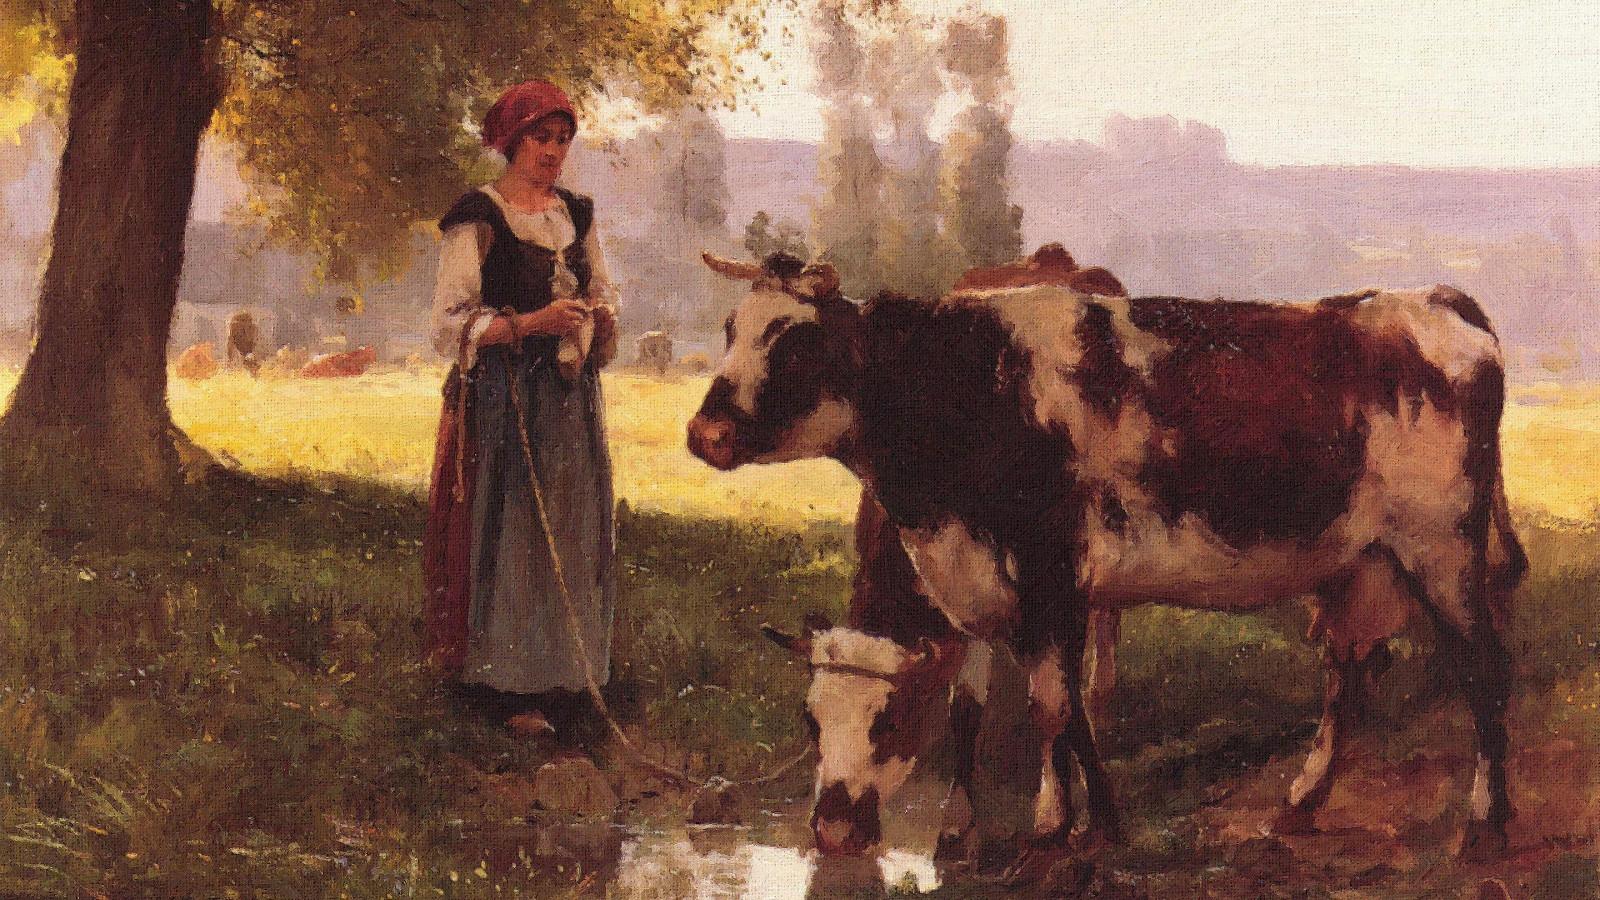 удобный хозяин с коровой картинка стволом пушки